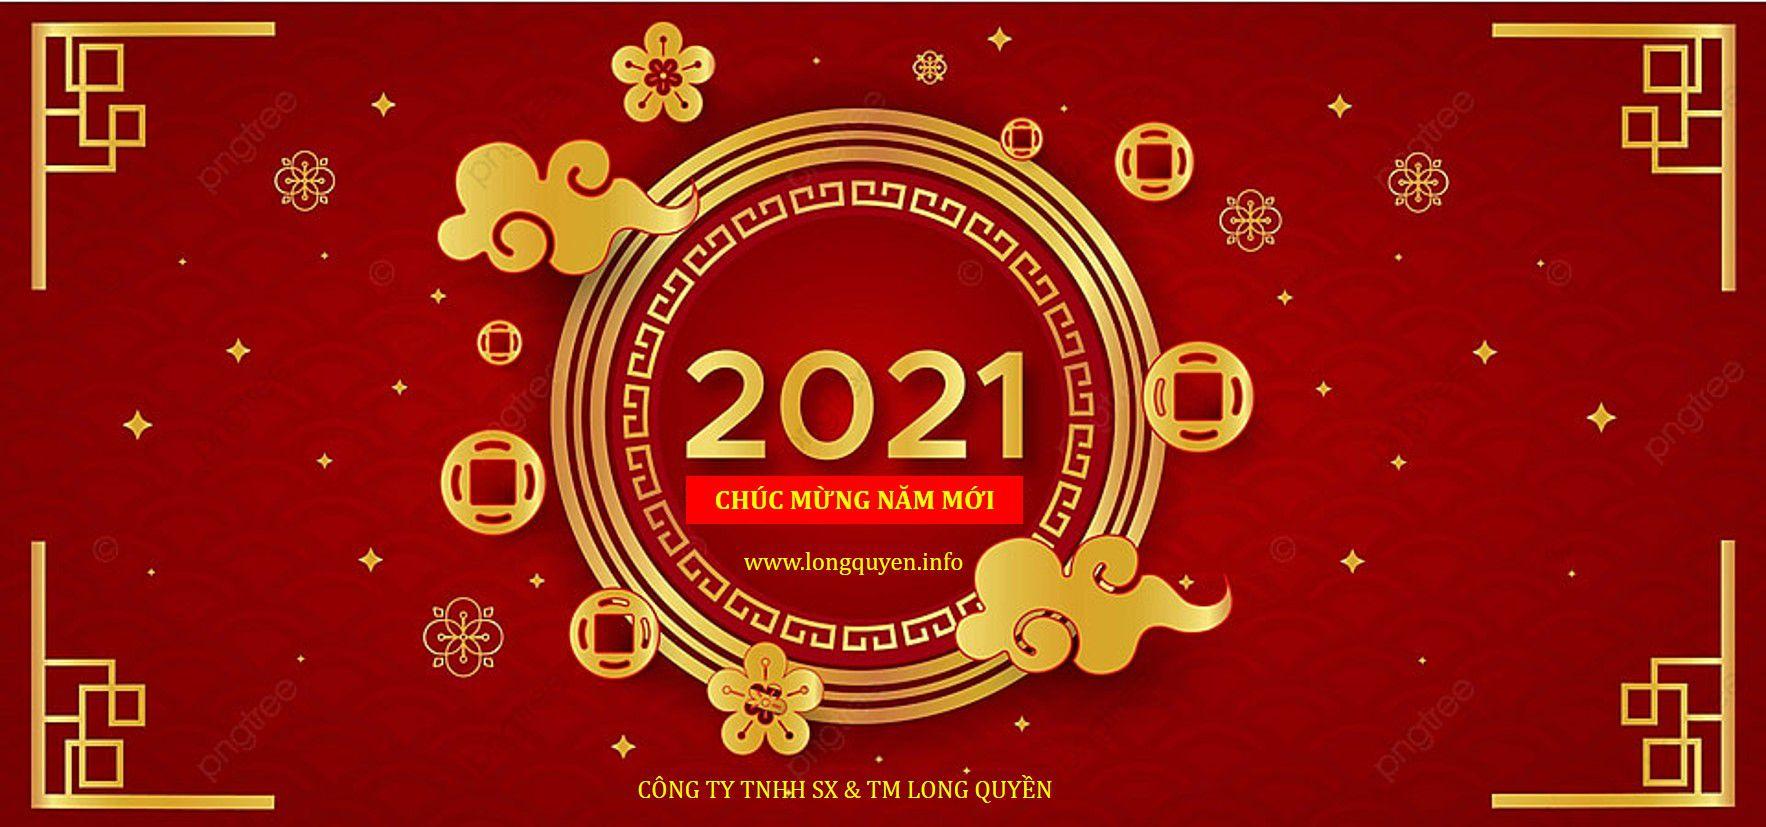 Lịch nghỉ Tết Nguyên Đán Năm 2021